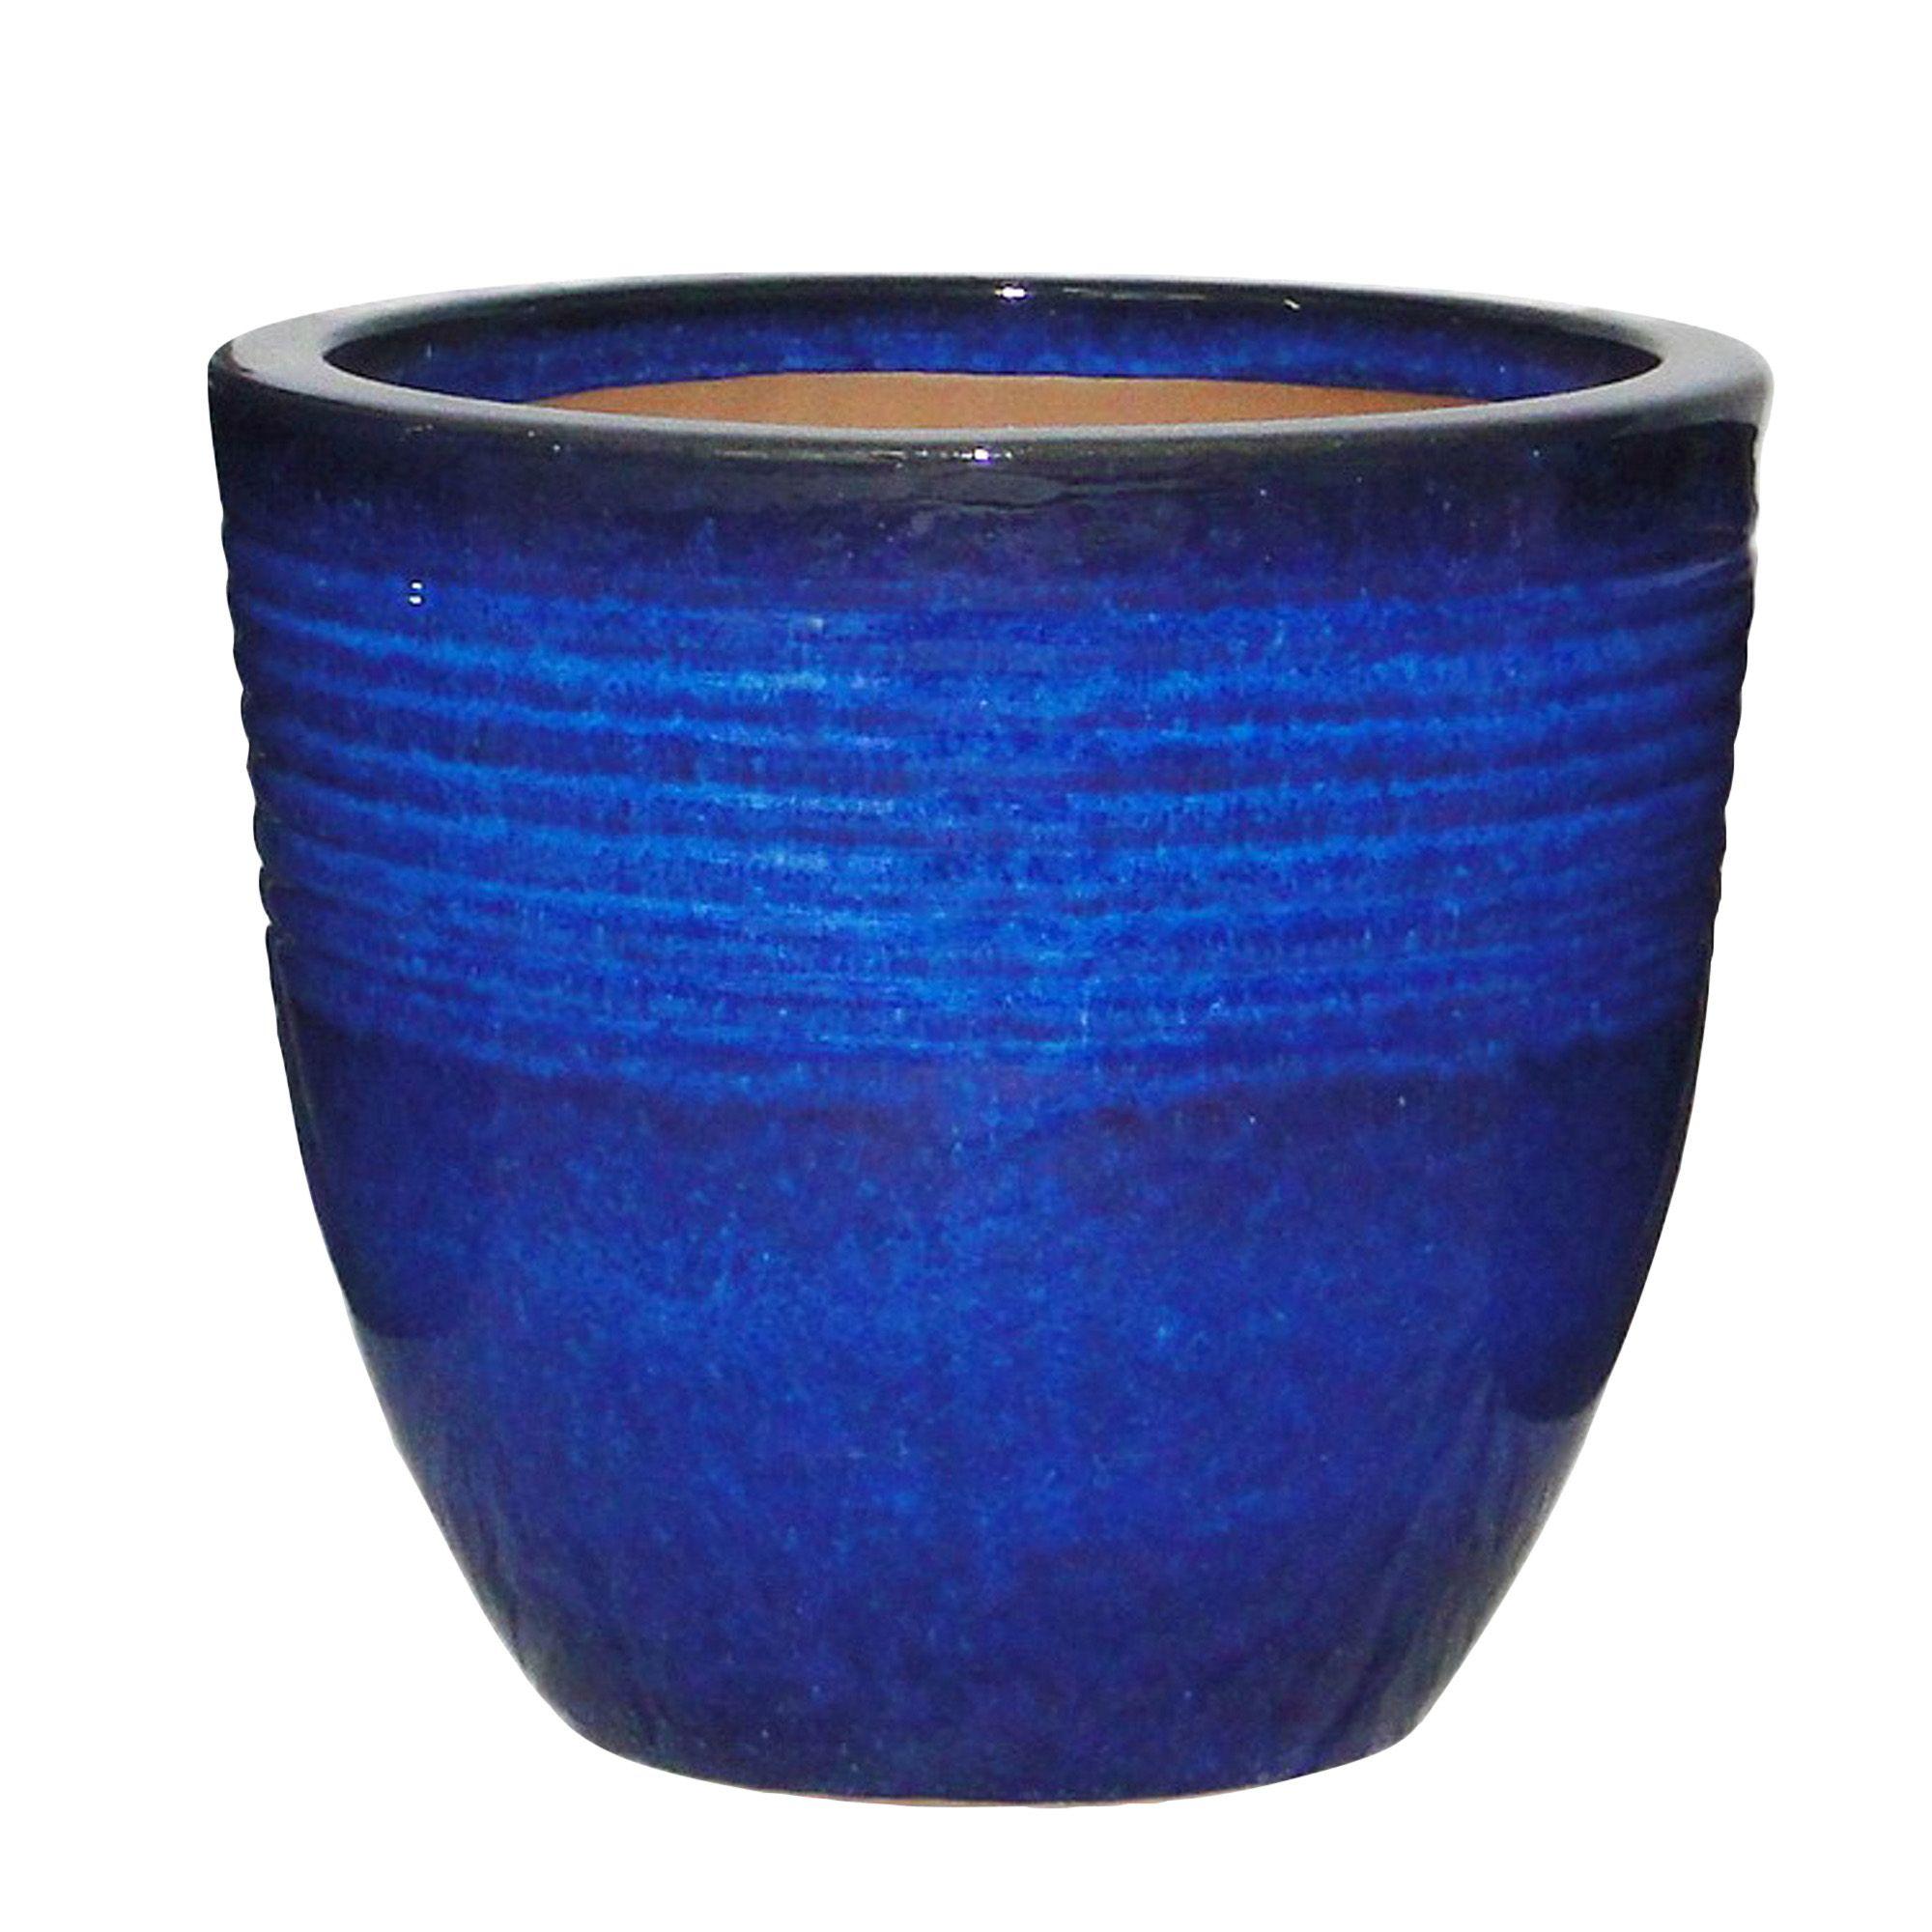 Seacourt Round Glazed Blue Plant Pot H21cm Dia22cm Departments